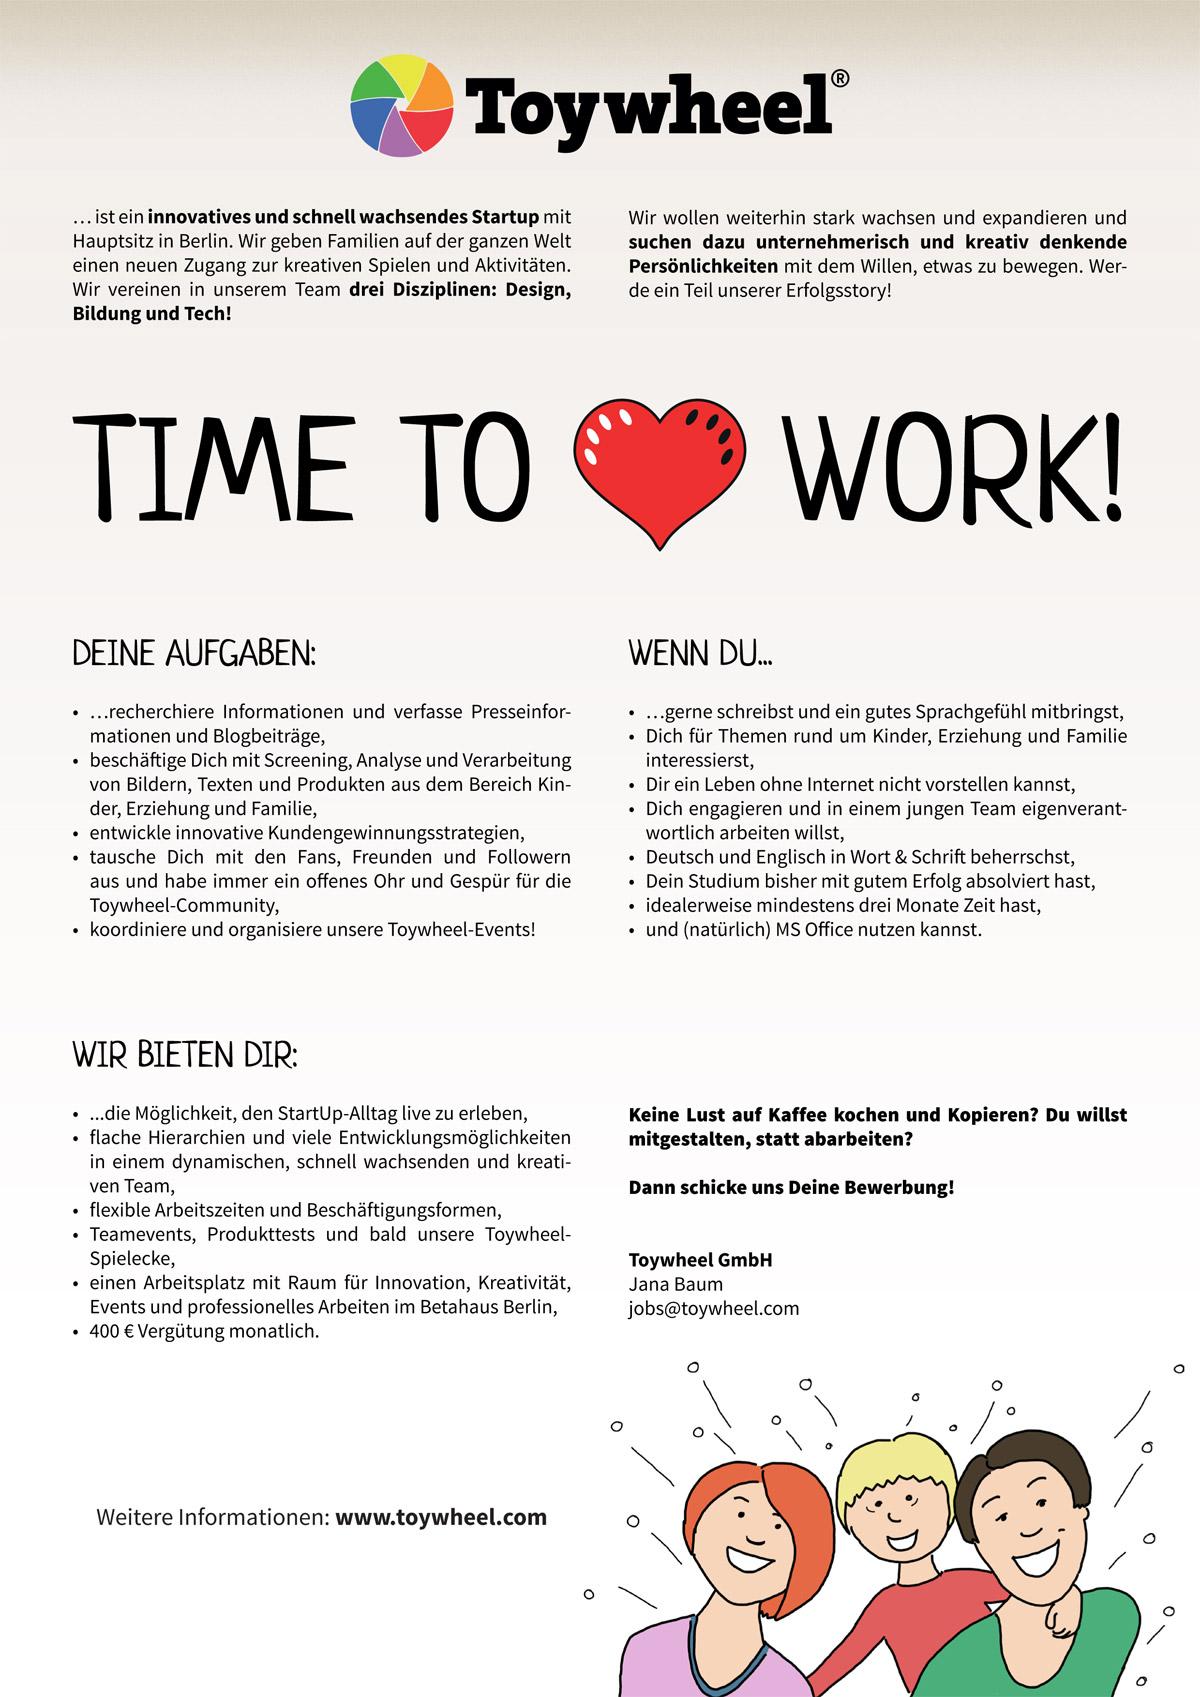 Praktikum Toywheel - Content & Community Management<br />Toywheel ist ein innovatives und schnell wachsendes Startup mit Hauptsitz in Berlin. Wir geben Familien auf der ganzen Welt einen neuen Zugang zur reativen Spielen und Aktivitäten. Wir vereinen in unserem Team drei Disziplinen: Design, Bildung und Tech!<br />Wir wollen weiterhin stark wachsen und expandieren und suchen dazu unternehmerisch und kreativ denkende<br />Persönlichkeiten mit dem Willen, etwas zu bewegen. Werde ein Teil unserer Erfolgsstory!